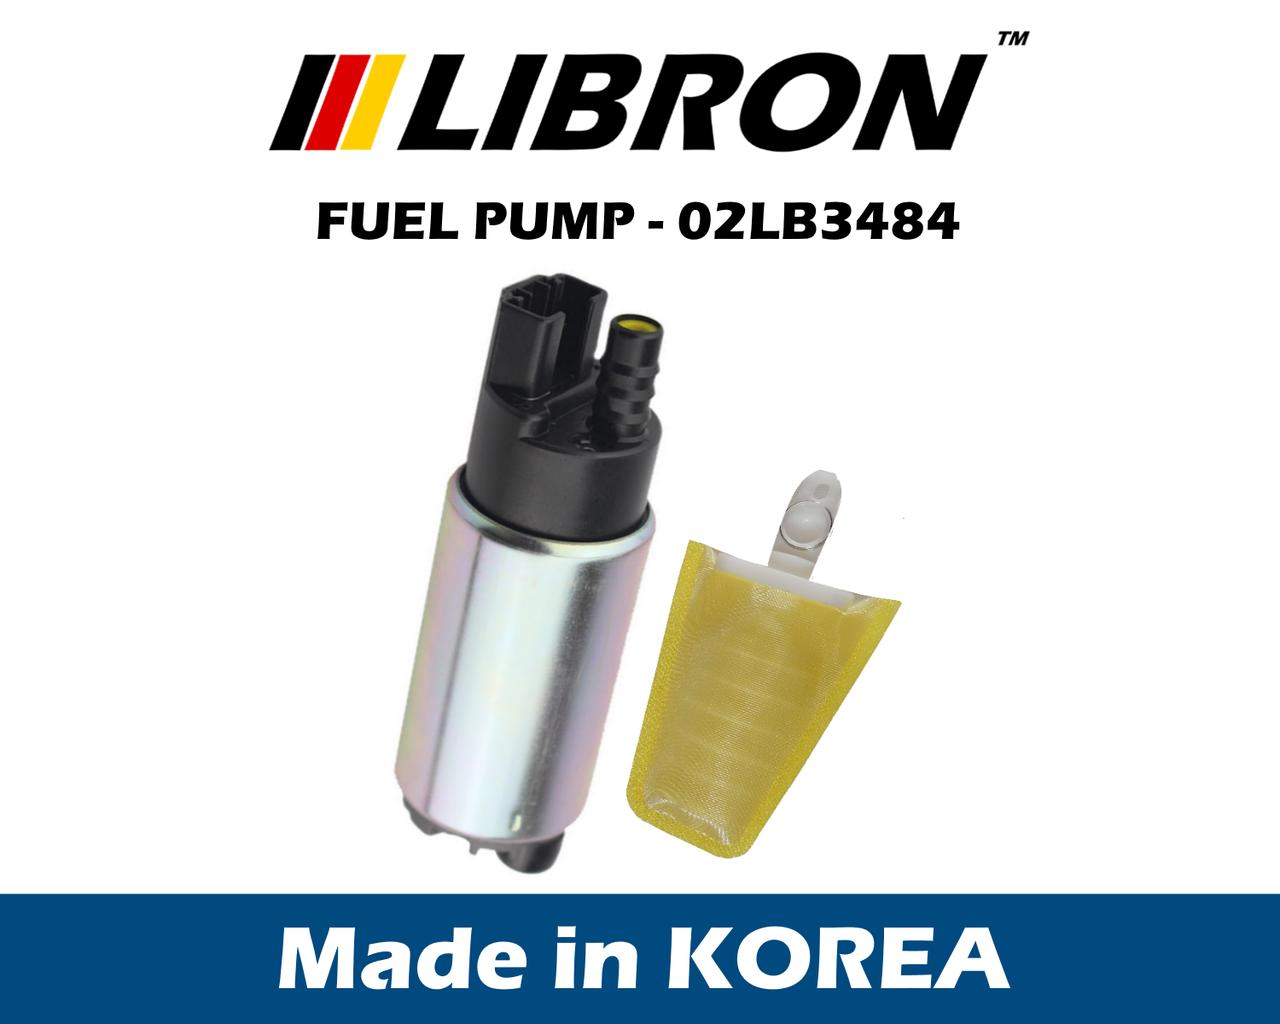 Топливный насос LIBRON 02LB3484 - Ниссан Максима III (J30)